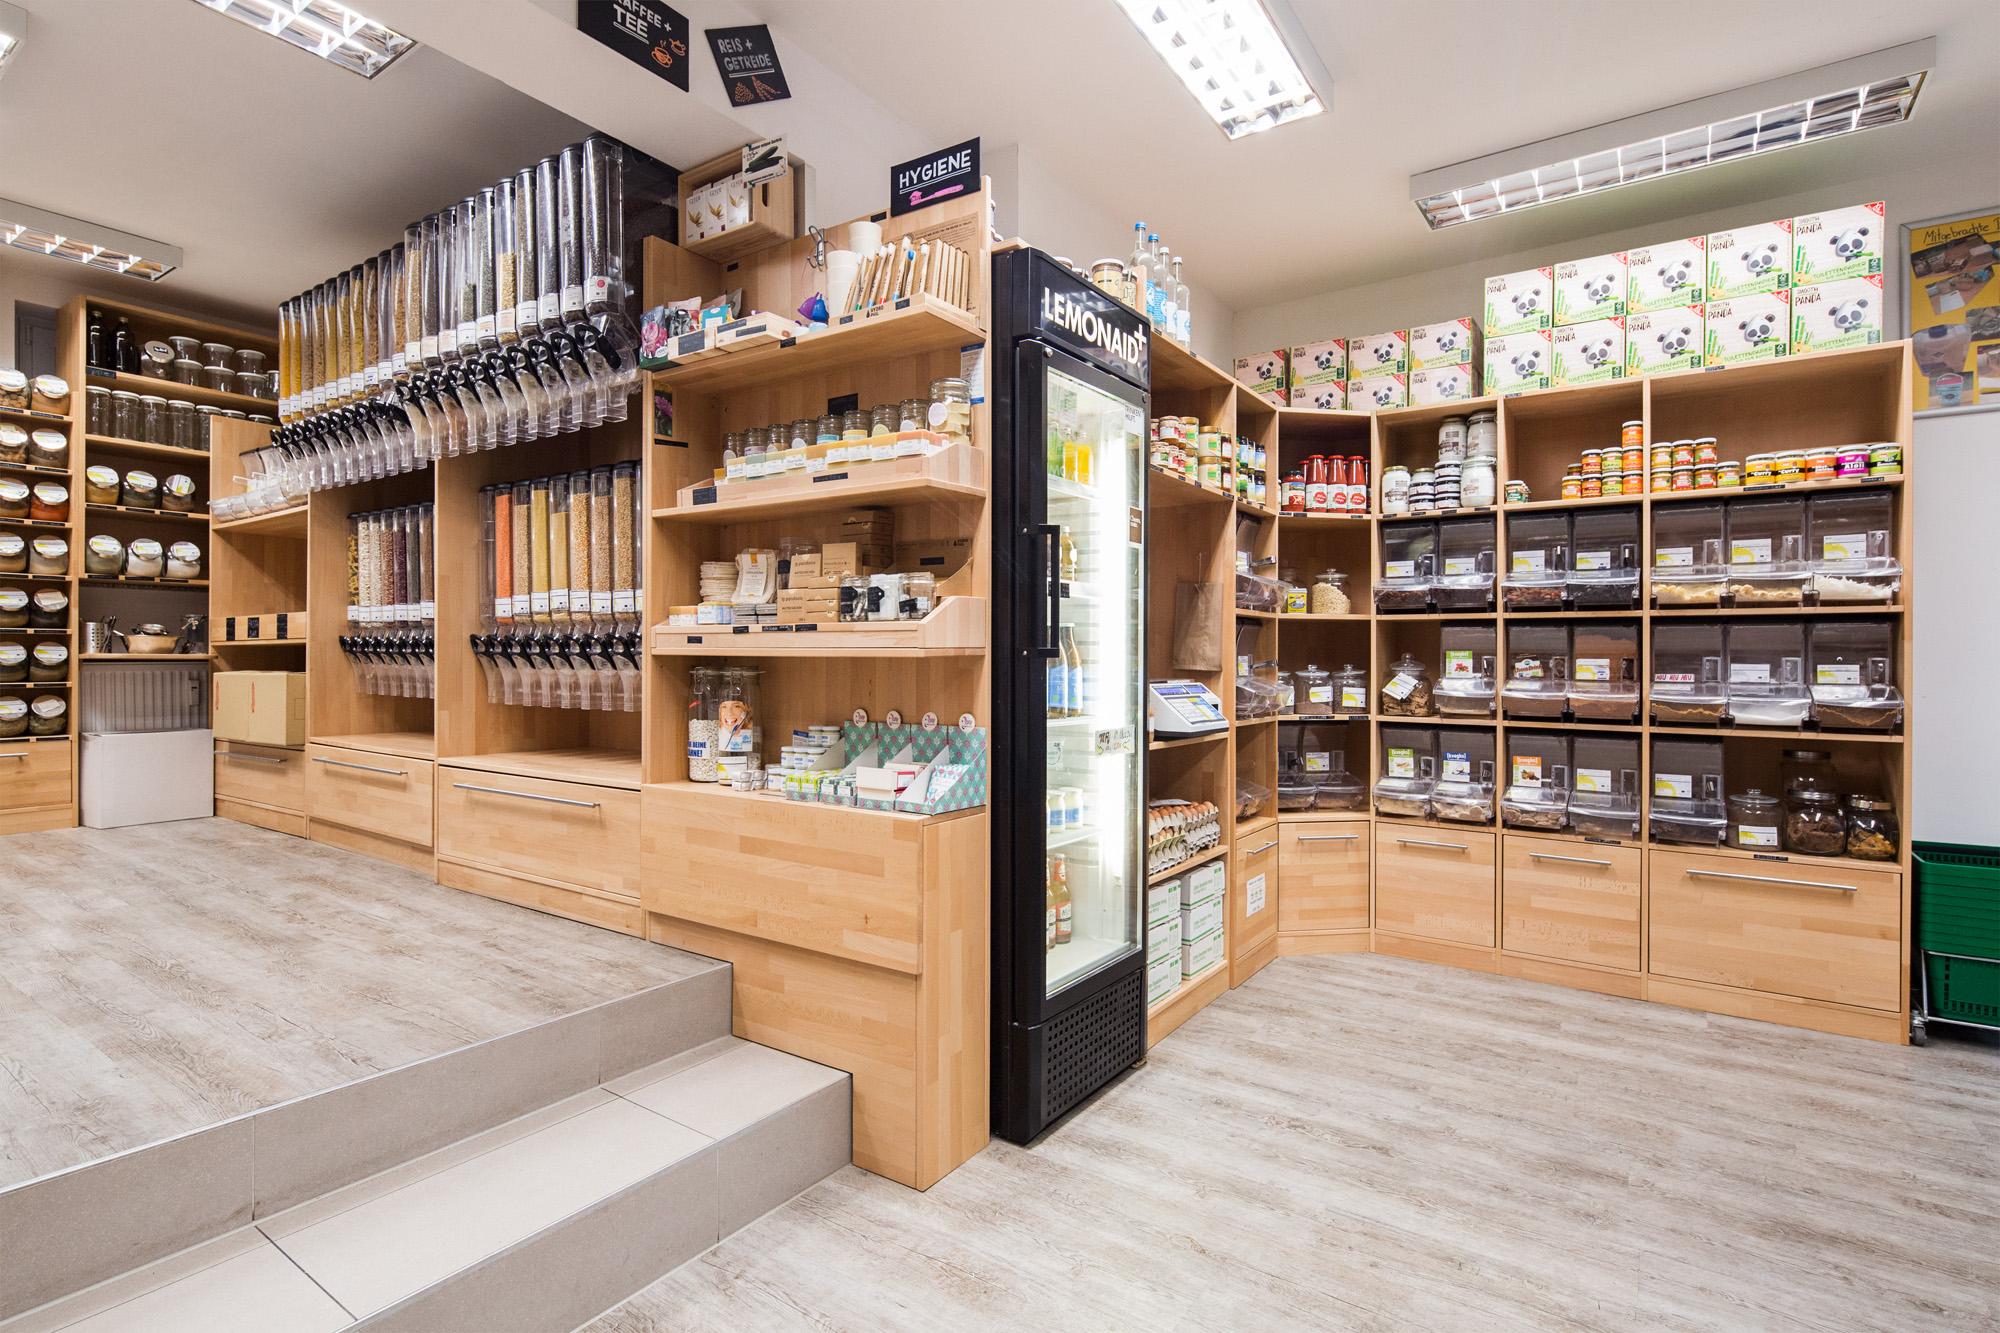 Unverpackt Mainz Laden Regale mit Hygieneartikeln